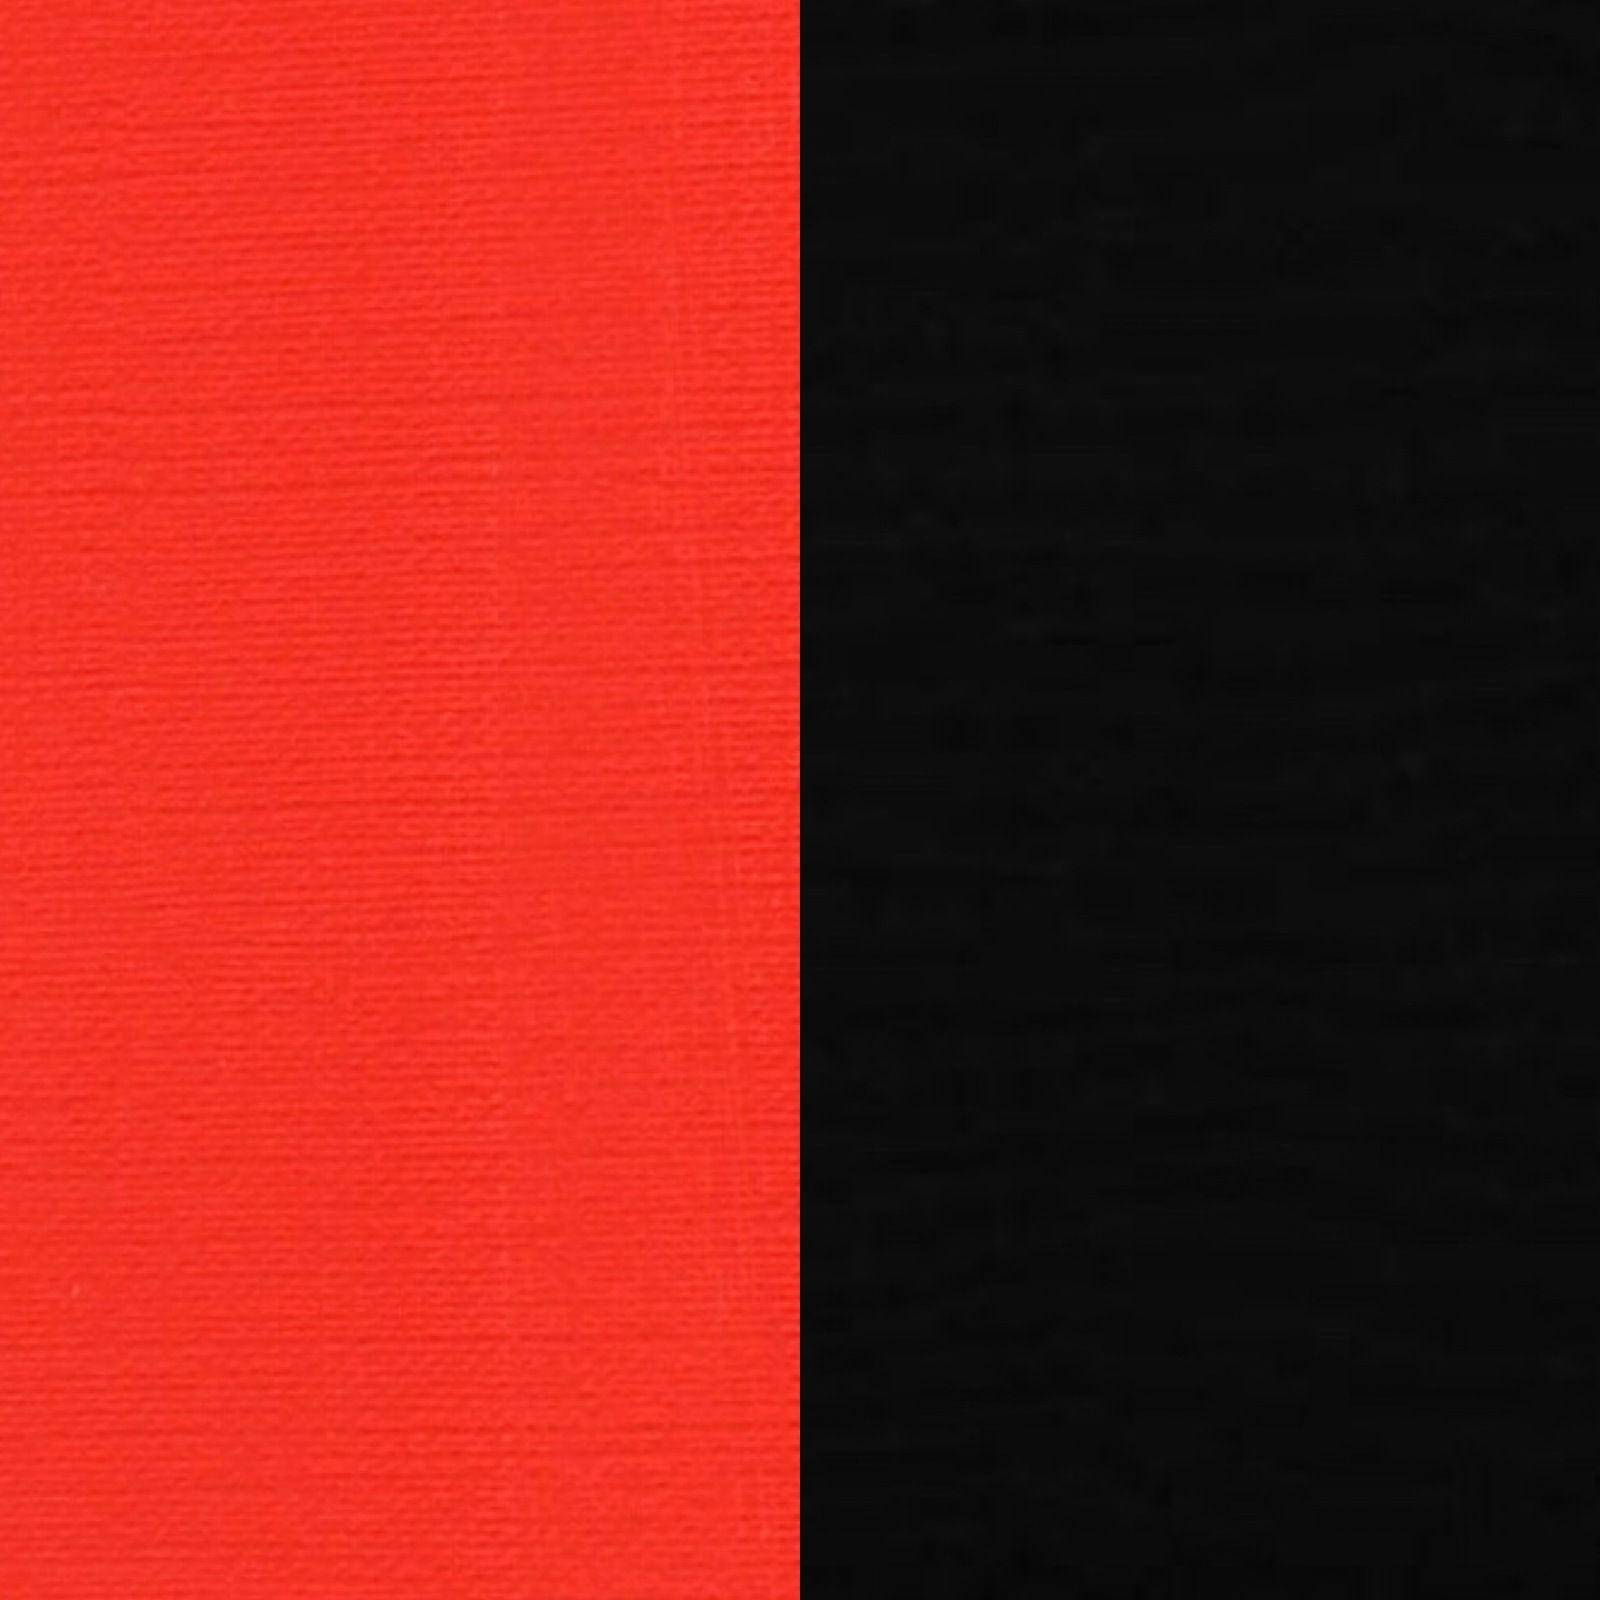 le rouge et le noir, Stendhal, etude, analyse,